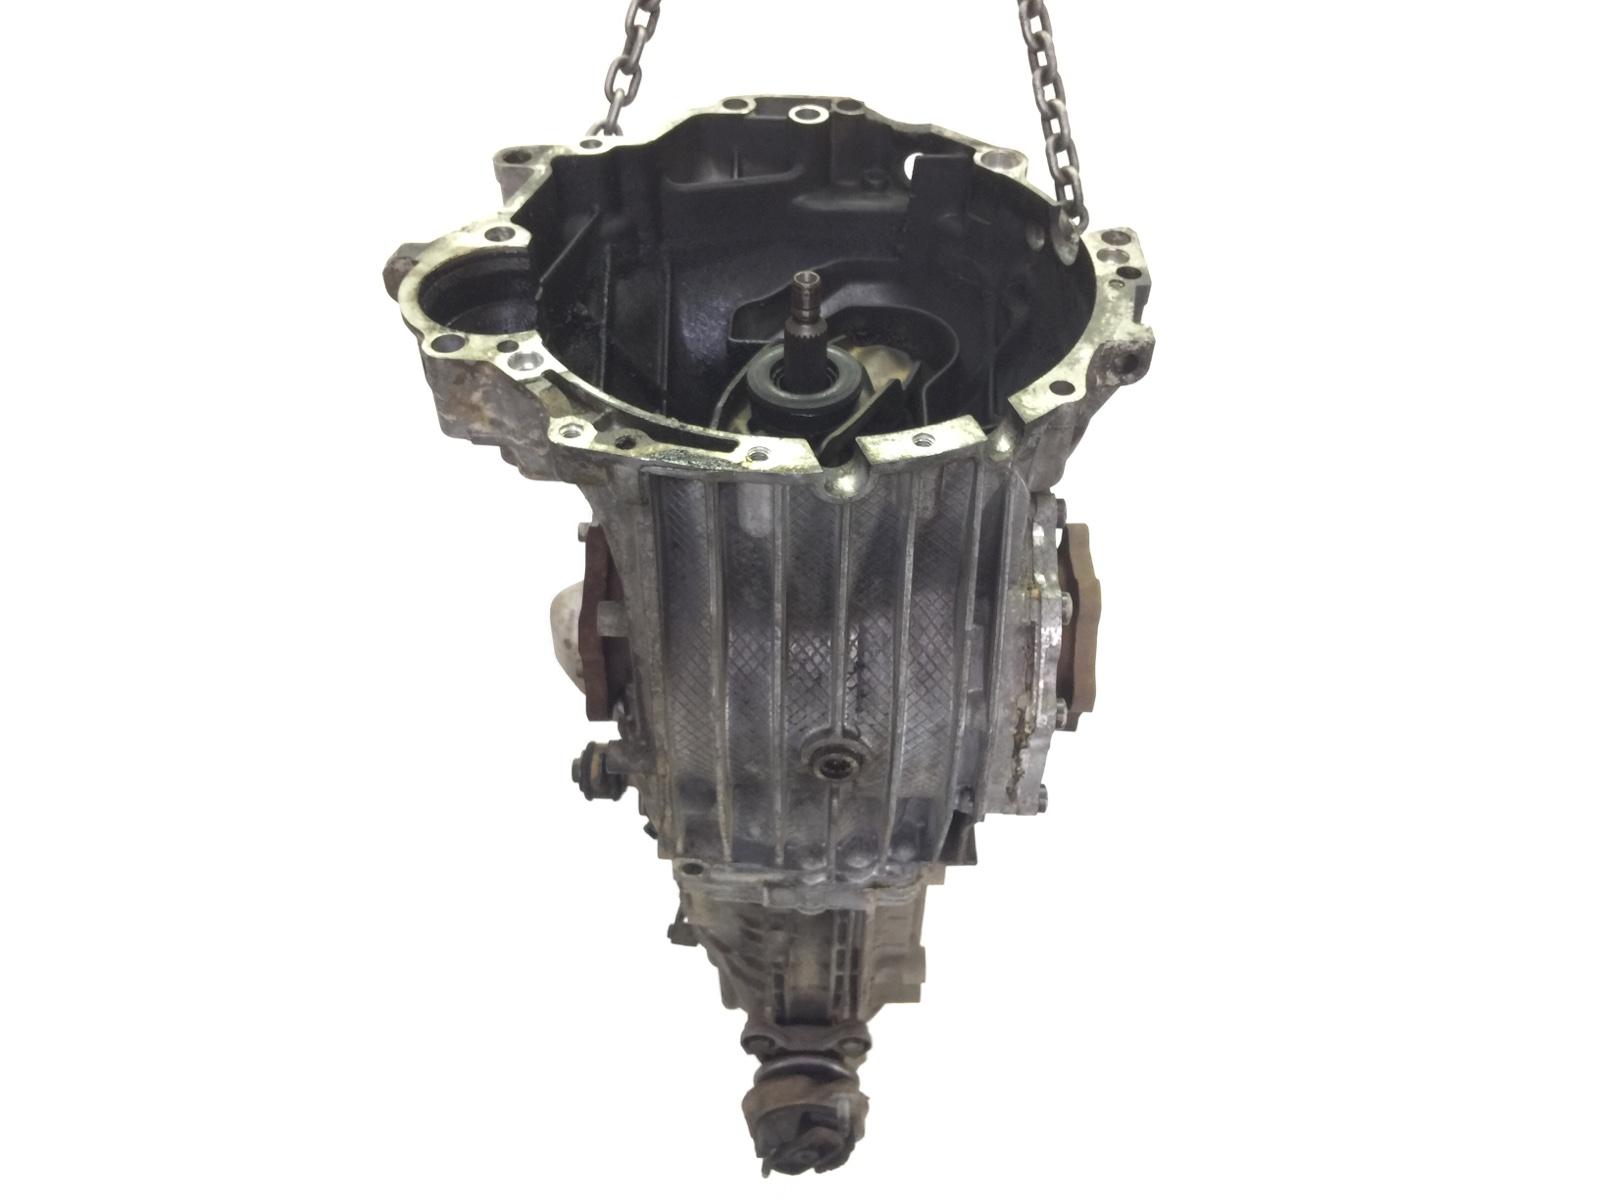 Кпп механическая (мкпп) Audi A4 B6 1.8 TI 2003 (б/у)